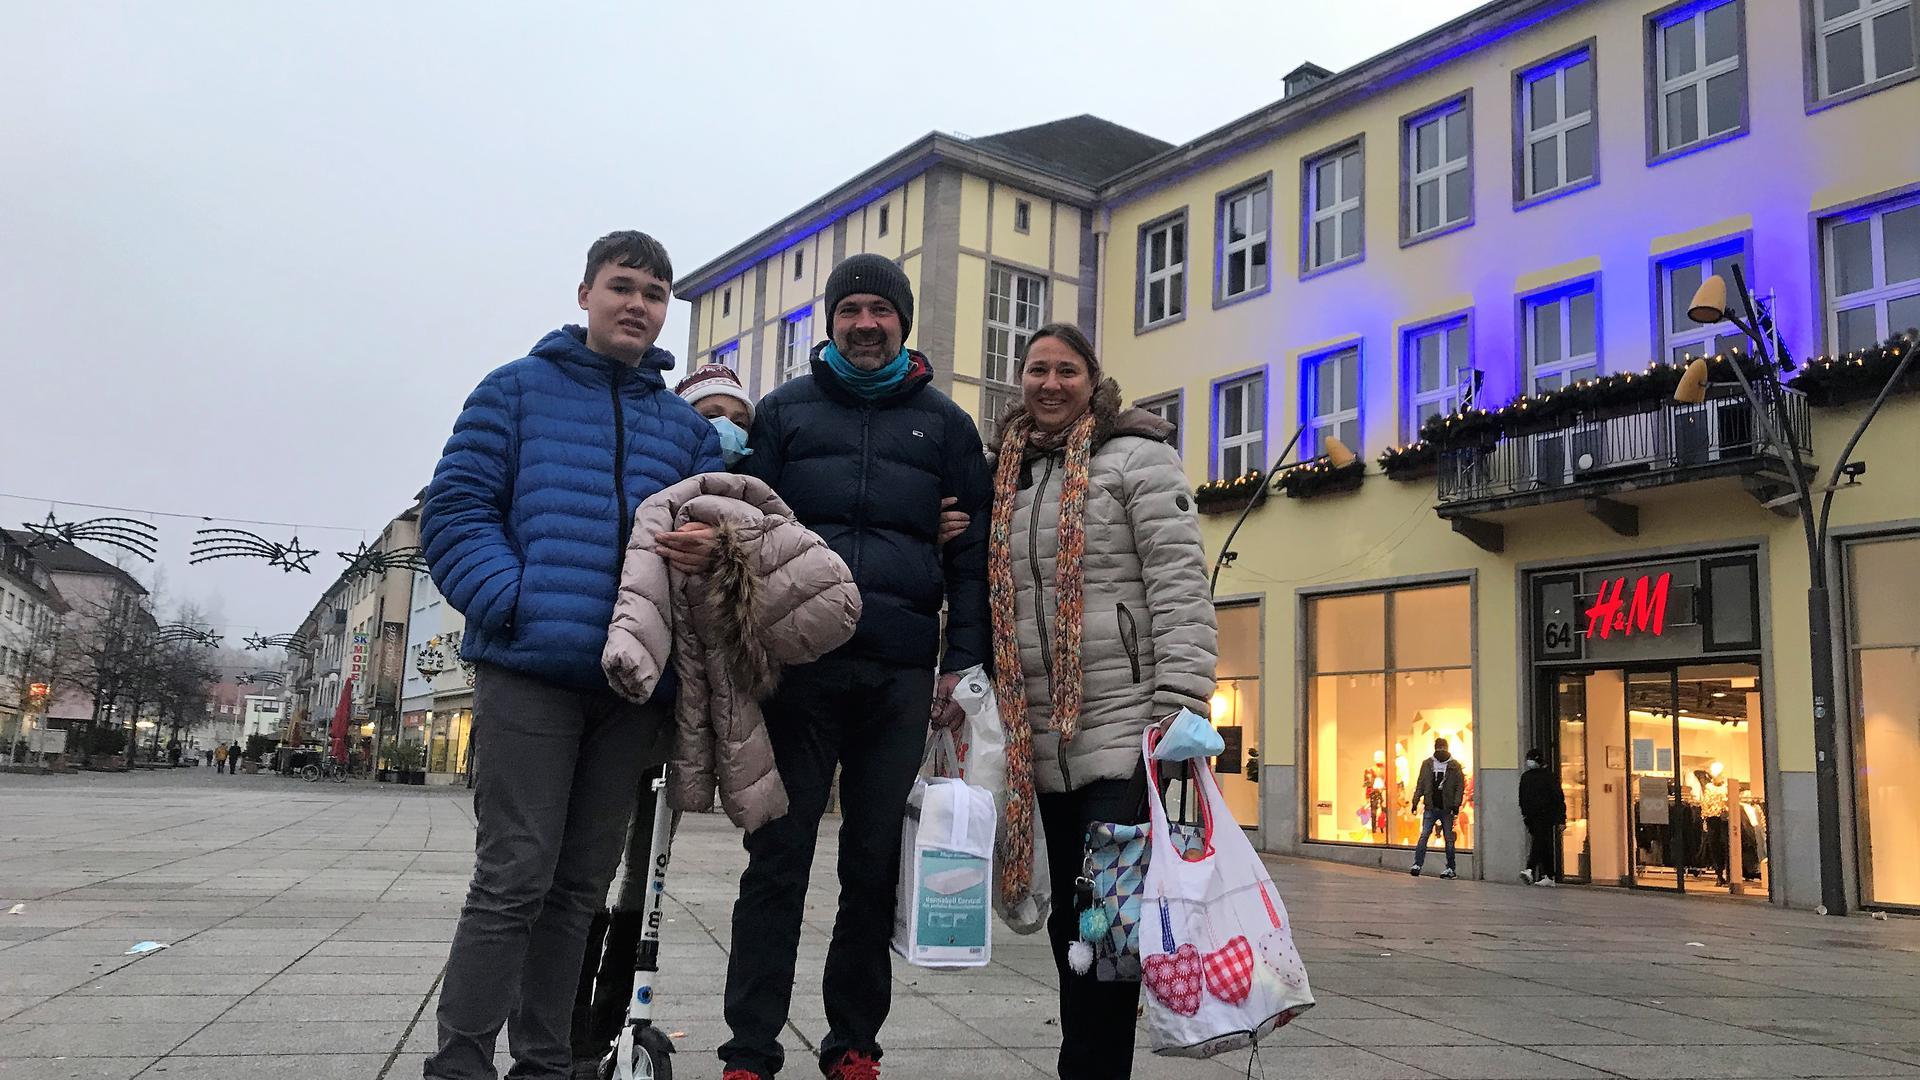 Fündig geworden: Familie Hertel aus Bruchsal hat den langen Einkaufssamstag genutzt, um in der Innenstadt einzukaufen. Im Hntergrund ahnt man immerhin zartes Fassadenblau der weihnachtlichen Beleuchtung.